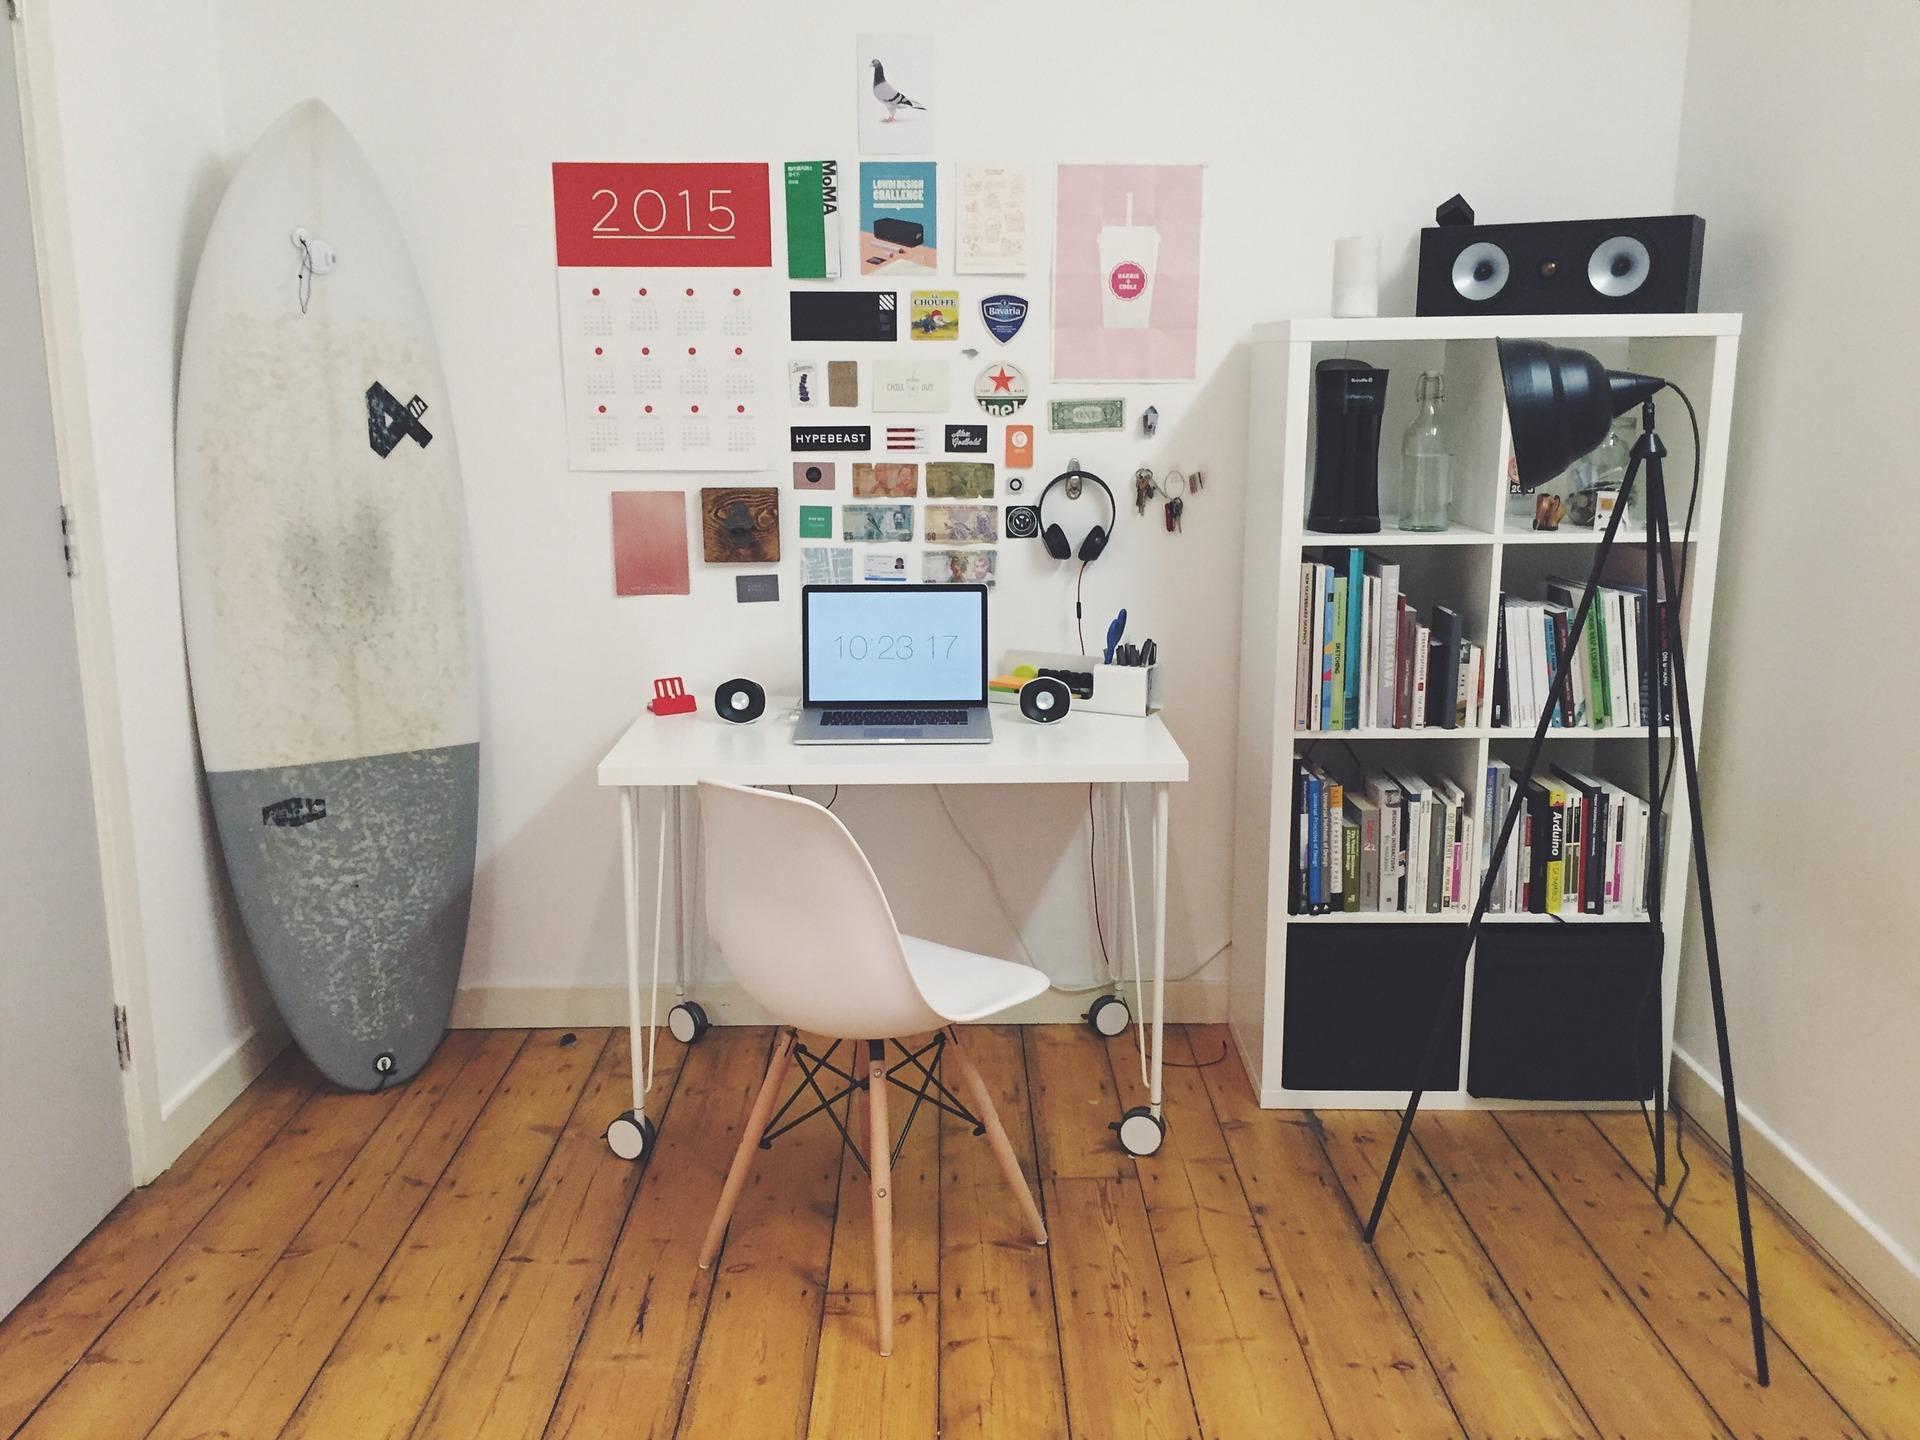 Estante e mesa de estudos/trabalho